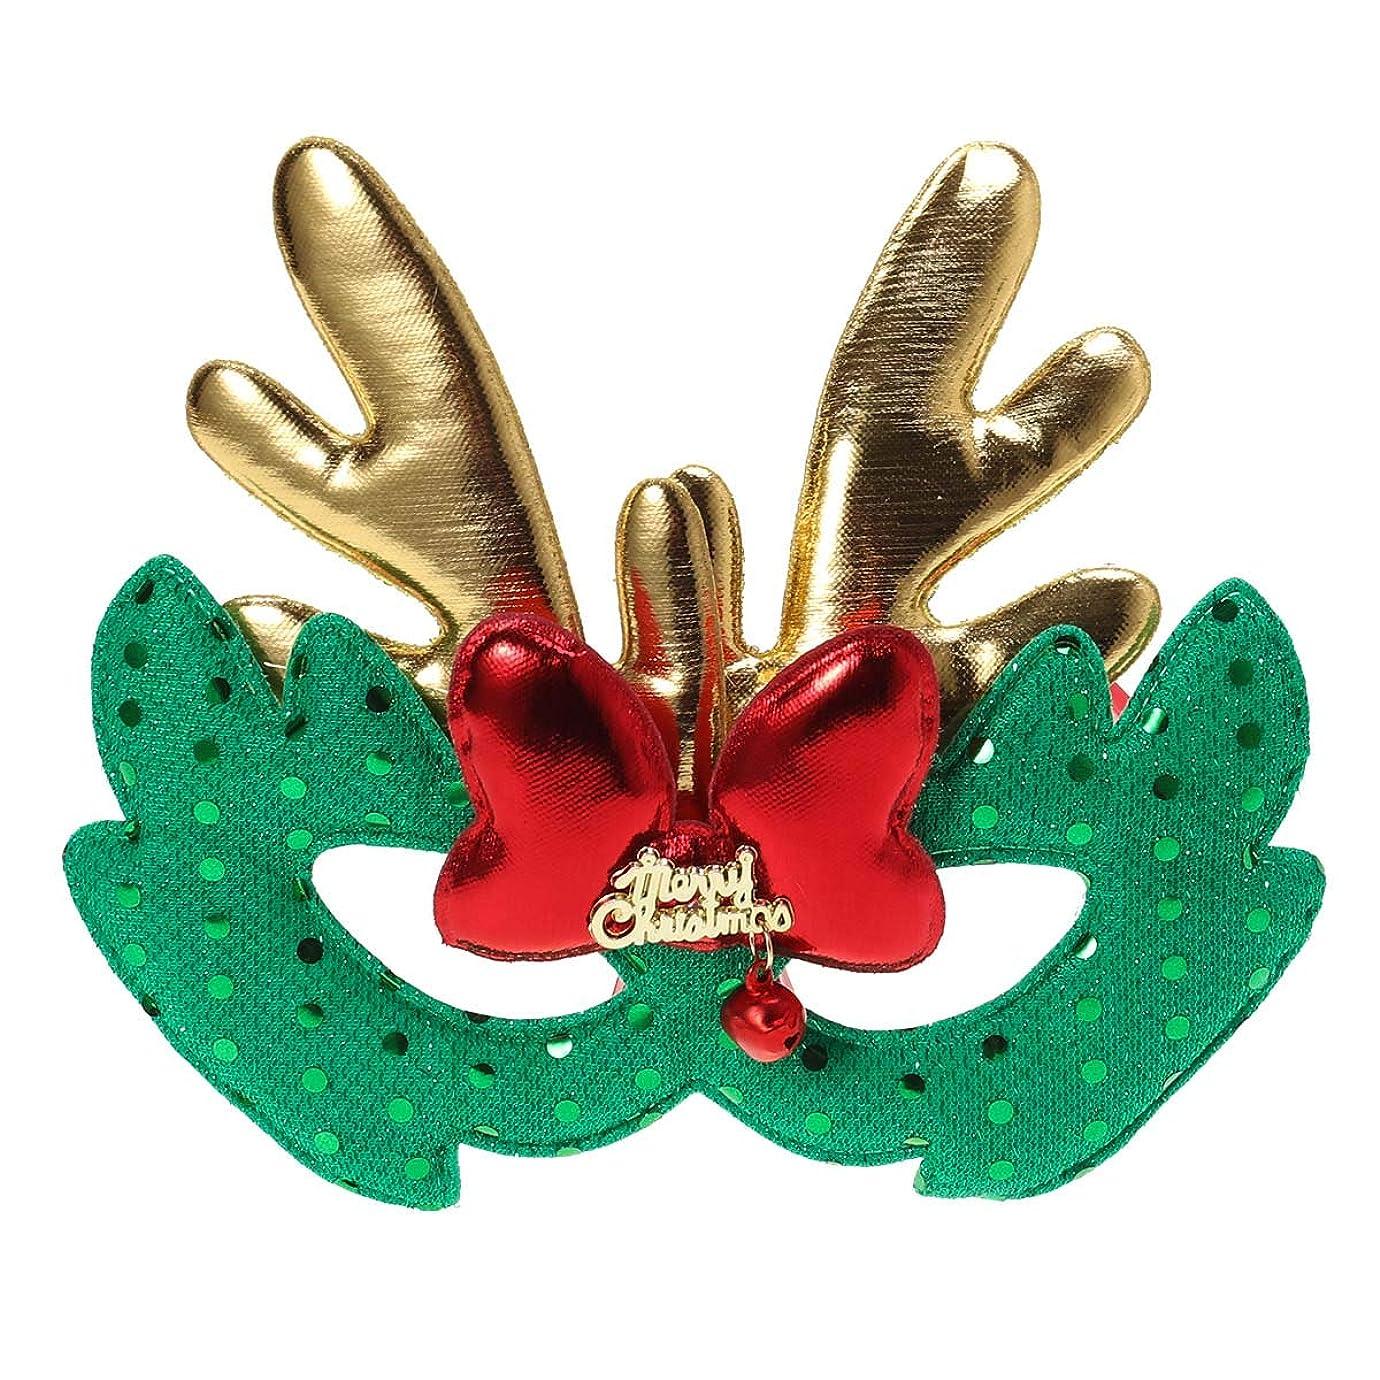 超える建築同性愛者BESTOYARD エルククリスマスコスチュームマスク布マスク子供大人コスプレクリスマスパーティーグリーン